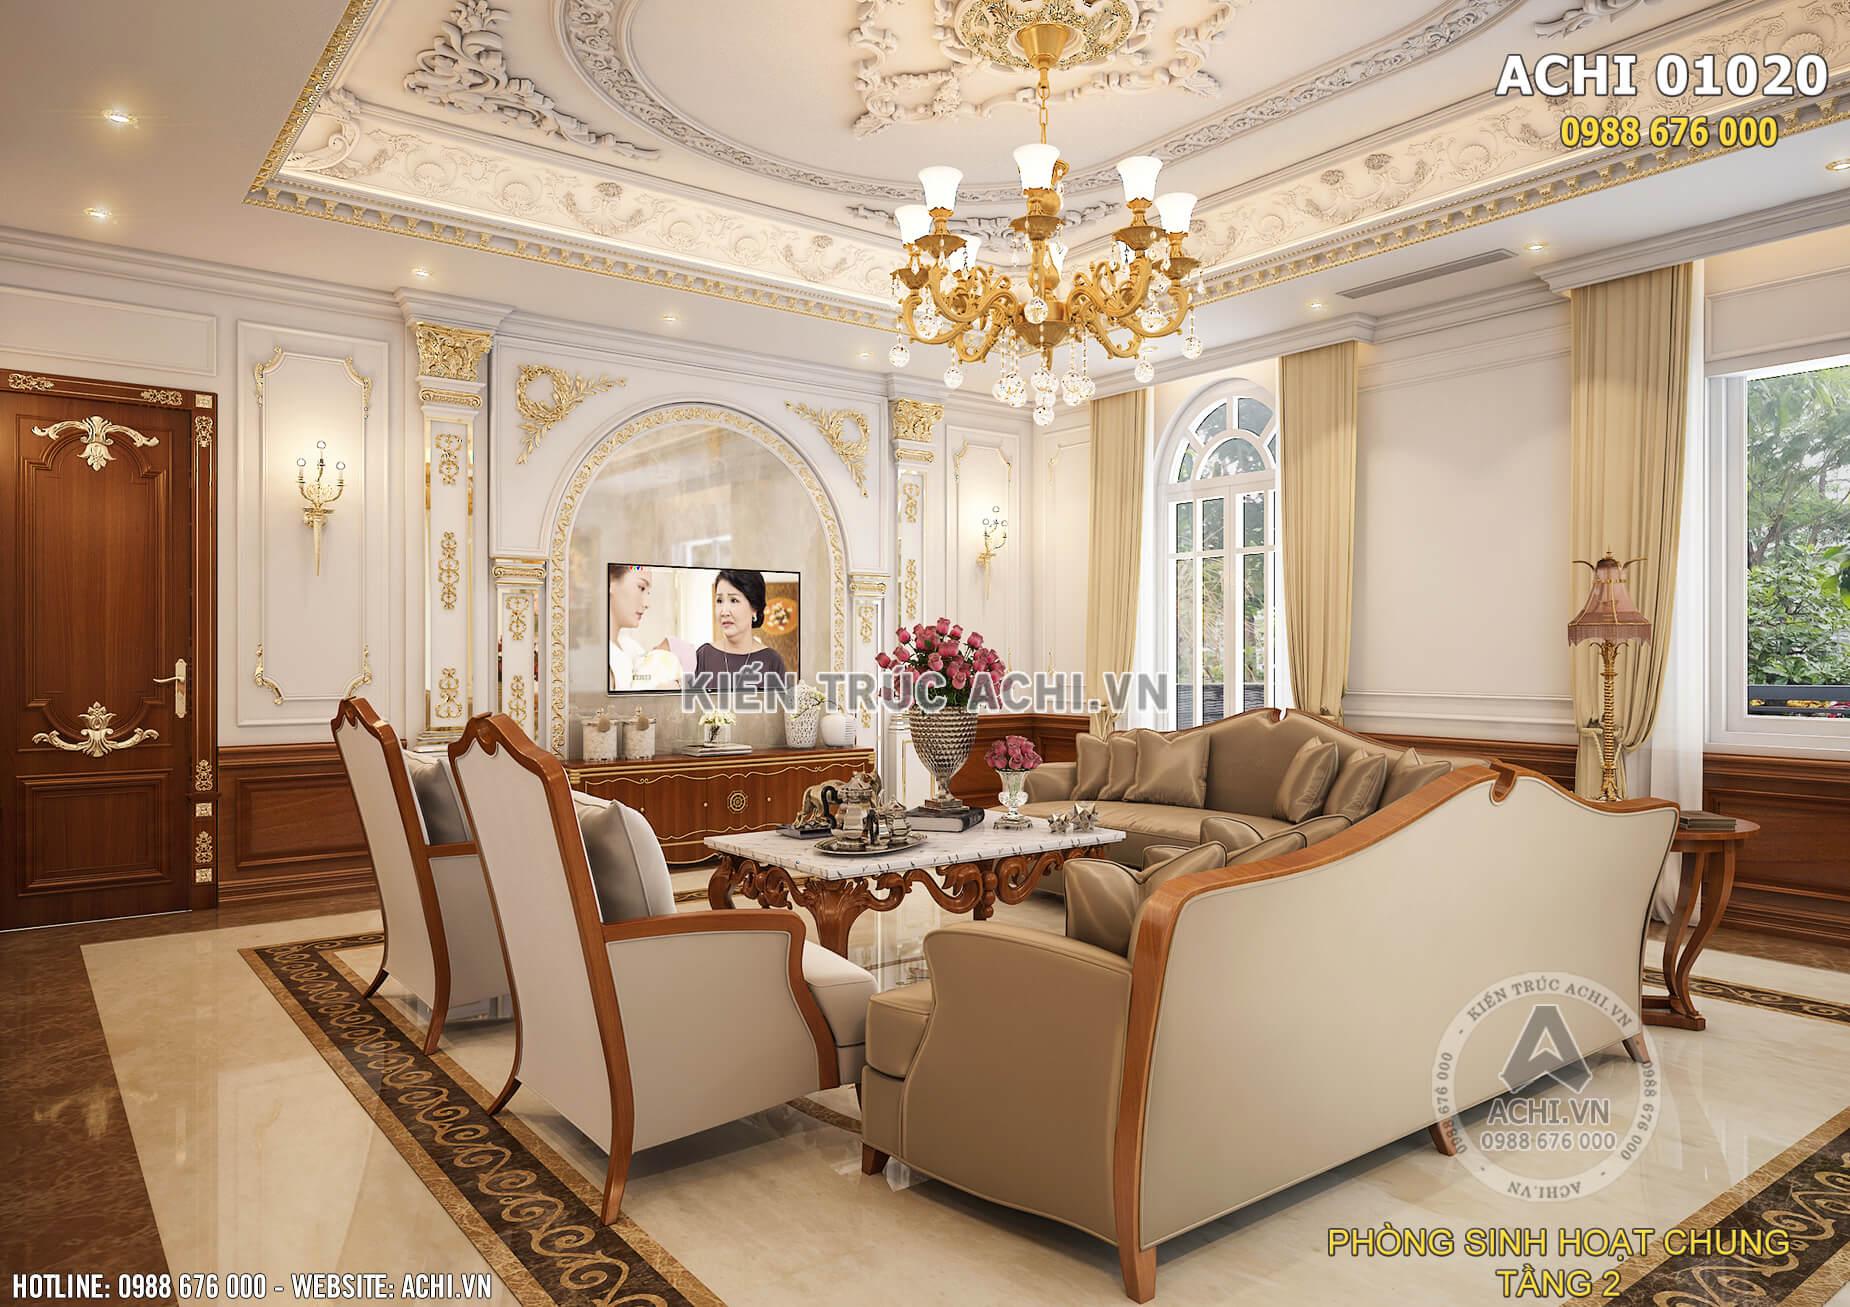 Tổng thể nội thất phòng sinh hoạt chung ấm áp và sang trọng